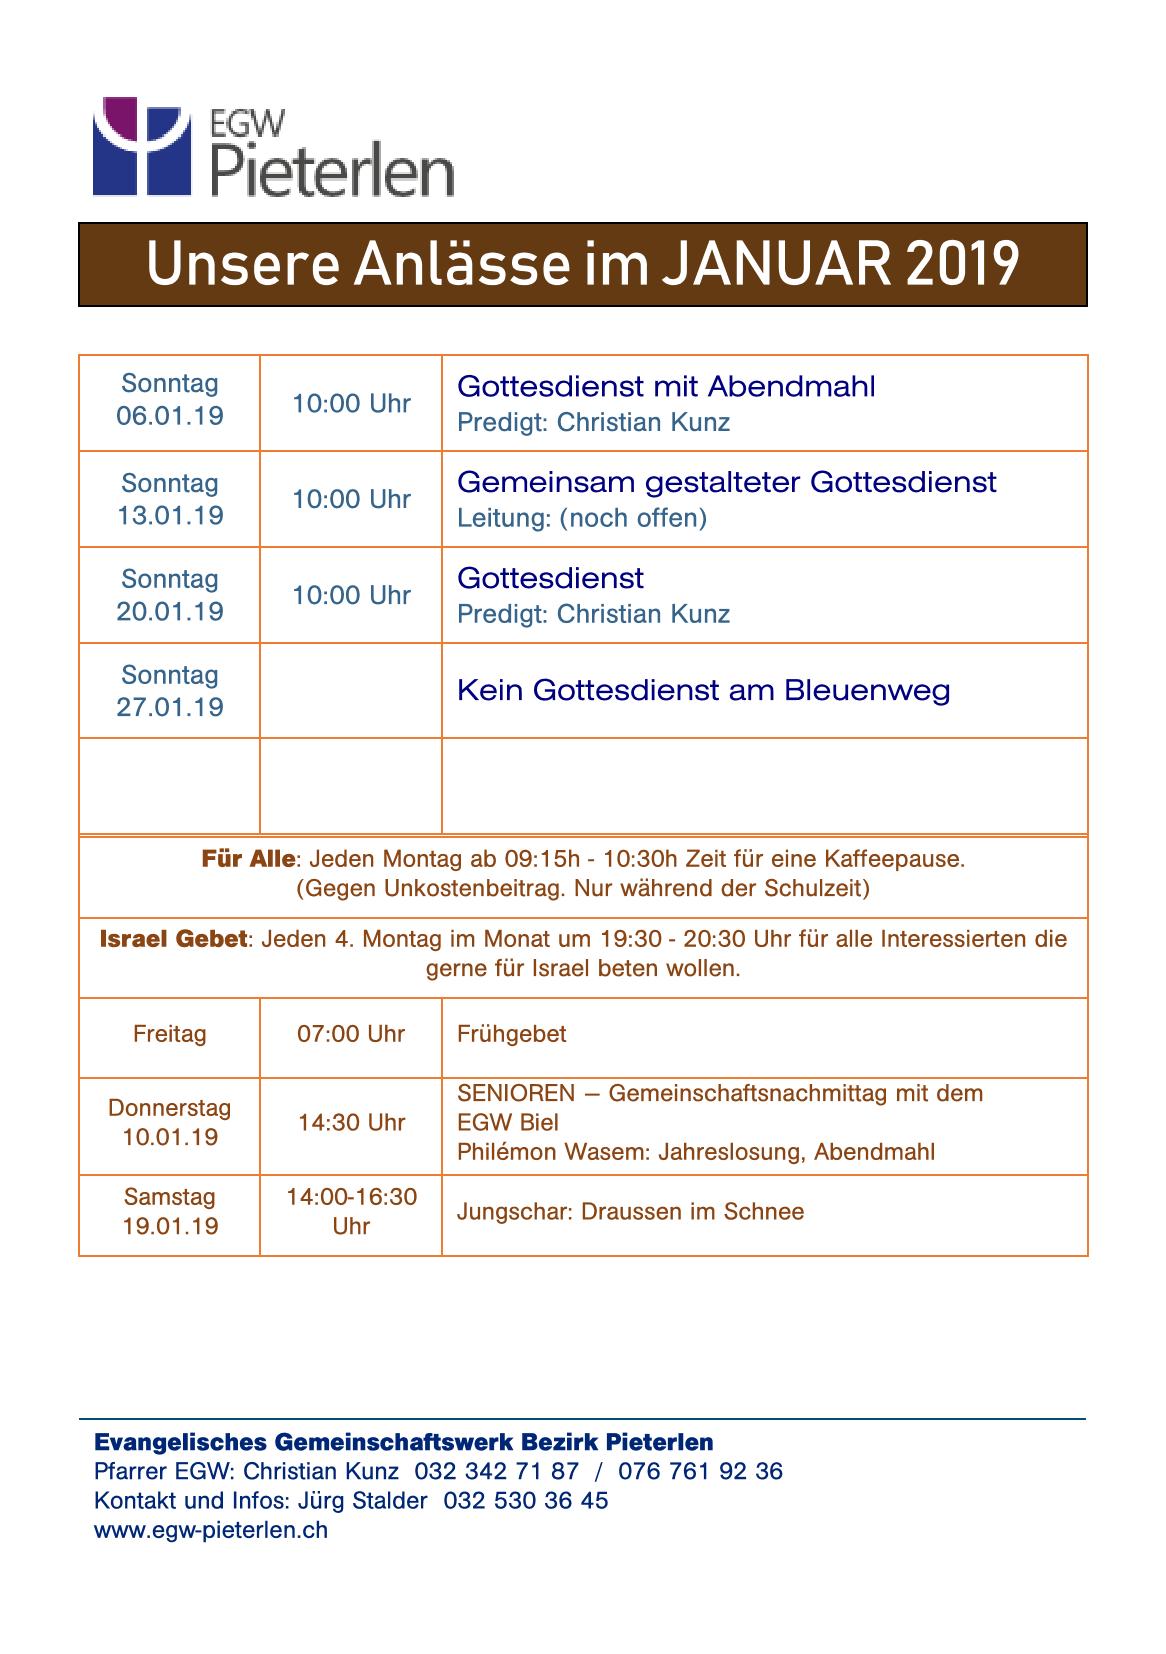 Anlaesse_2019-01